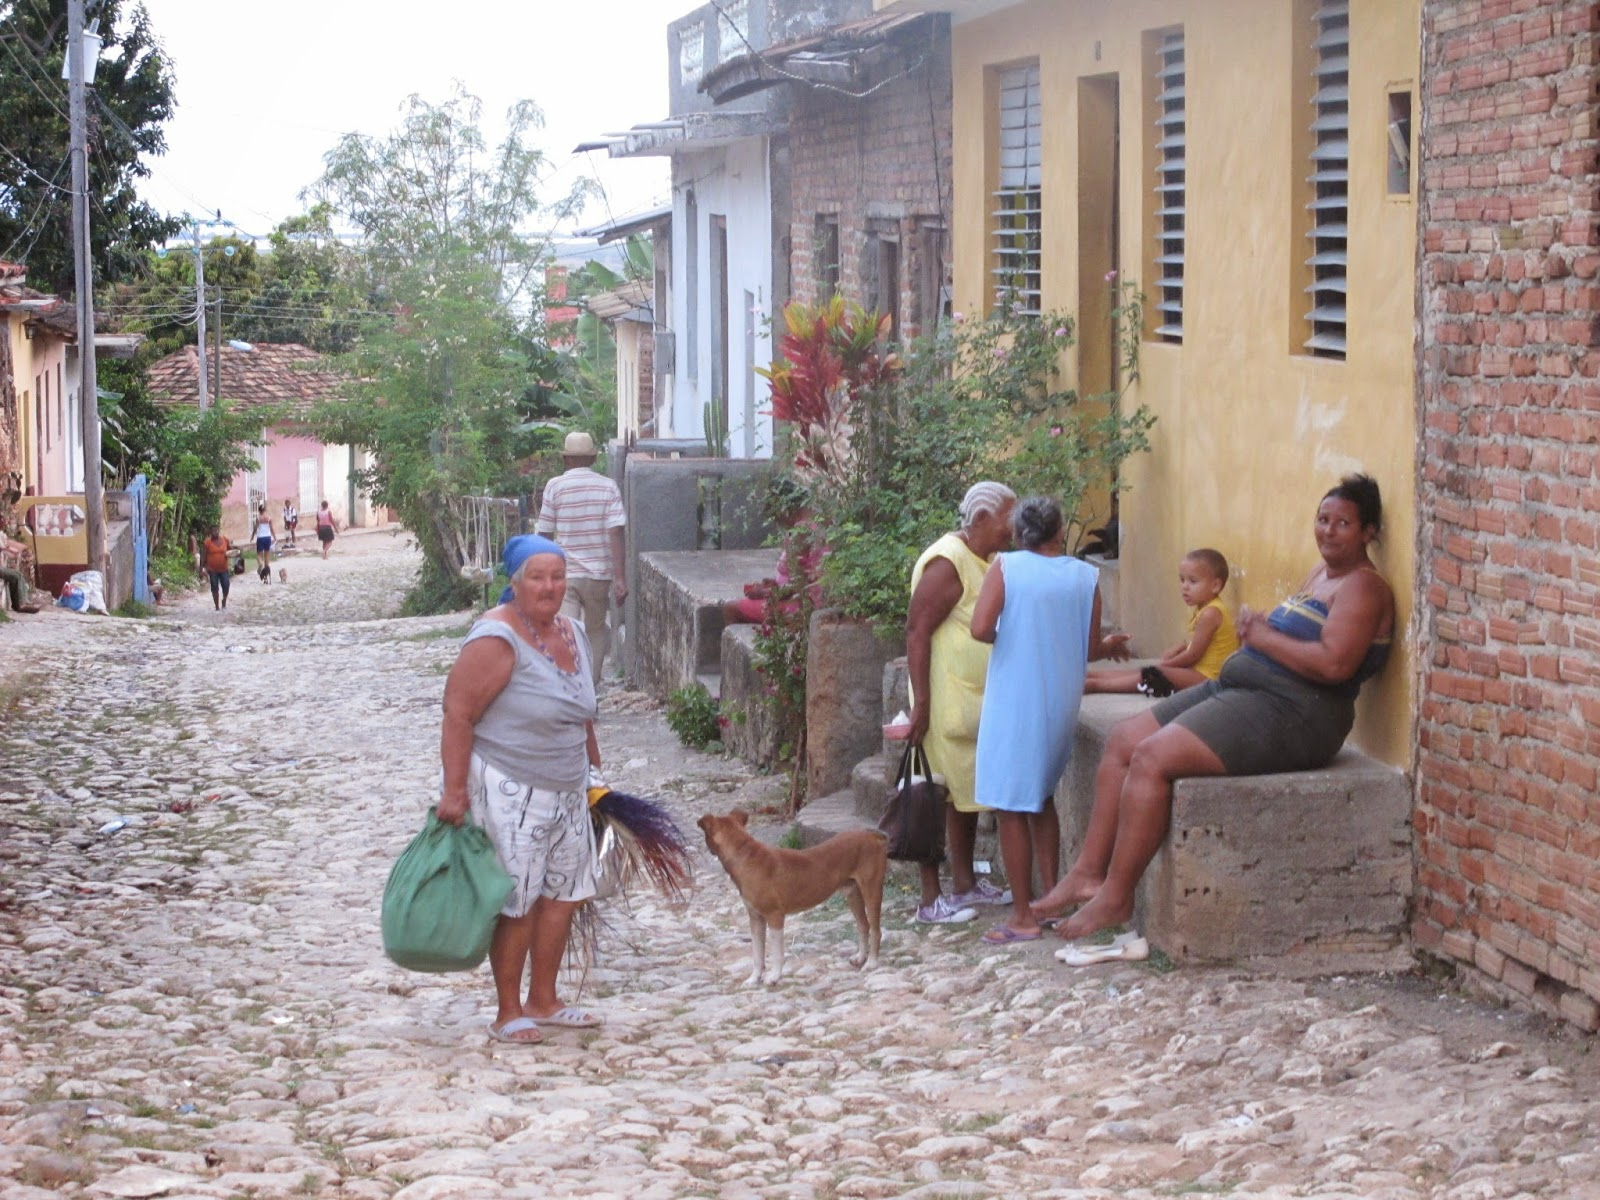 Nativos em ruas fora do Centro histórico de Trinidad, em Cuba.